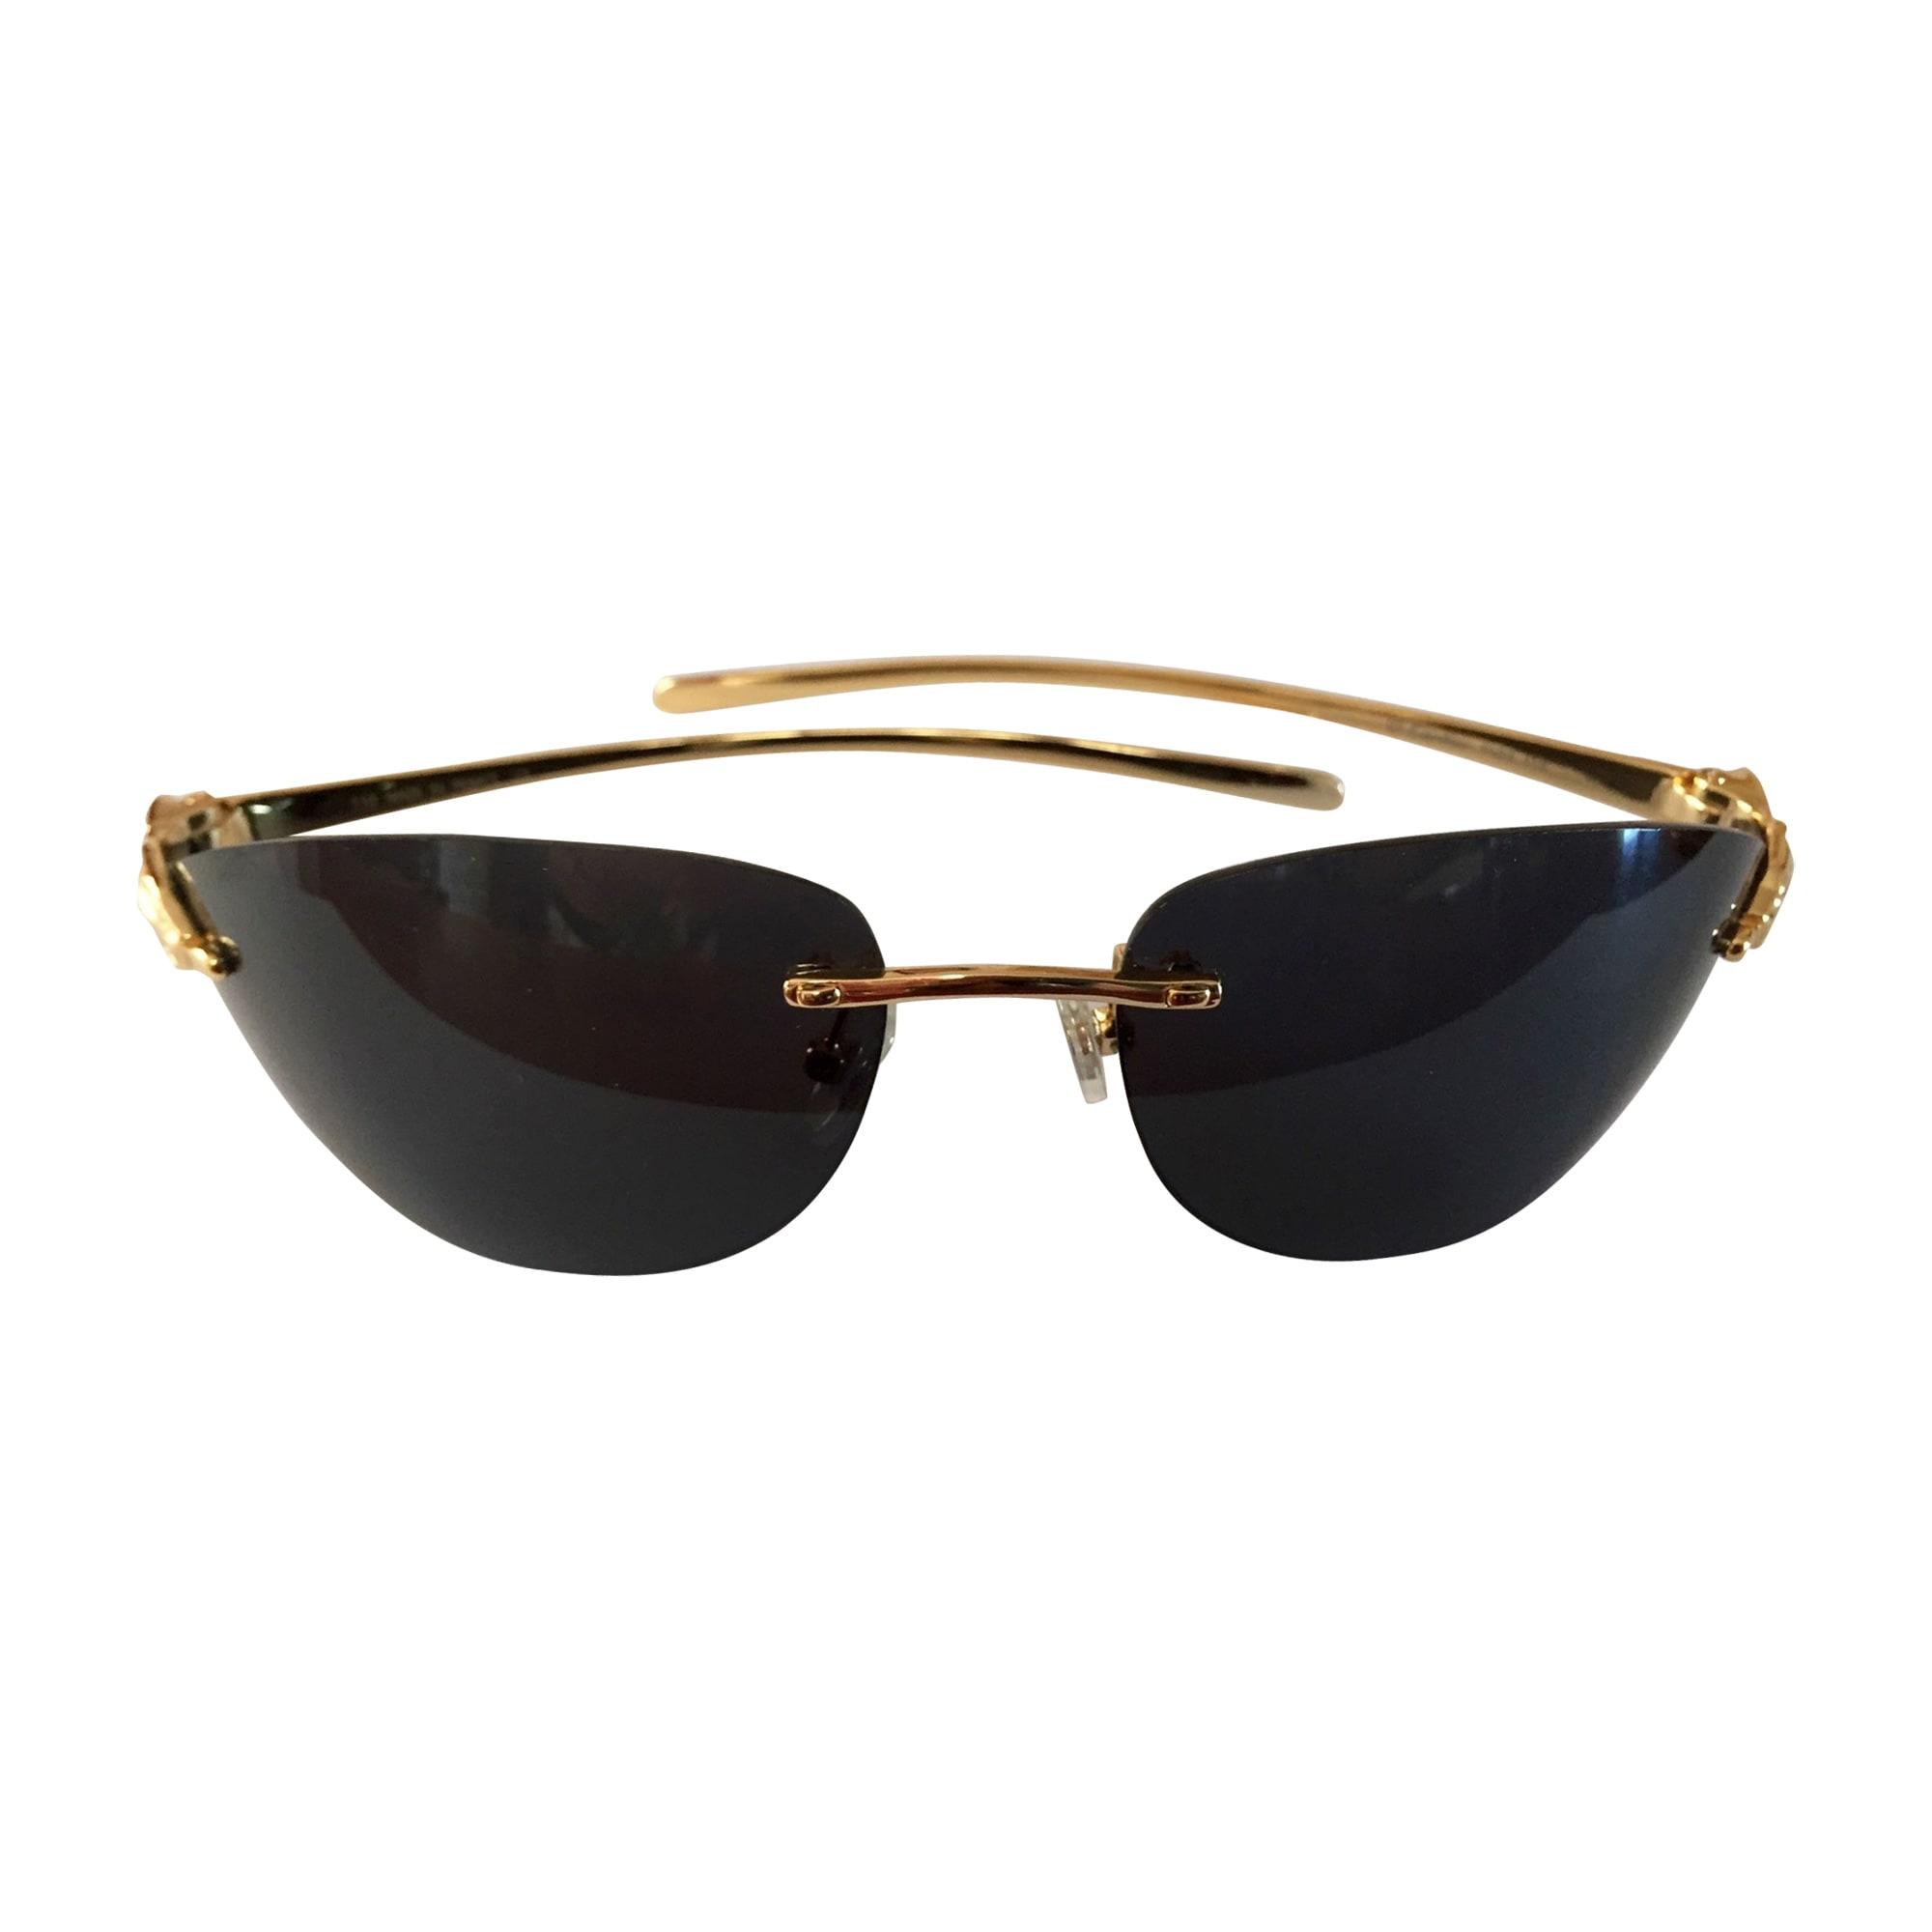 Lunettes de soleil CARTIER doré vendu par Didith - 7955177 93471d06fe18